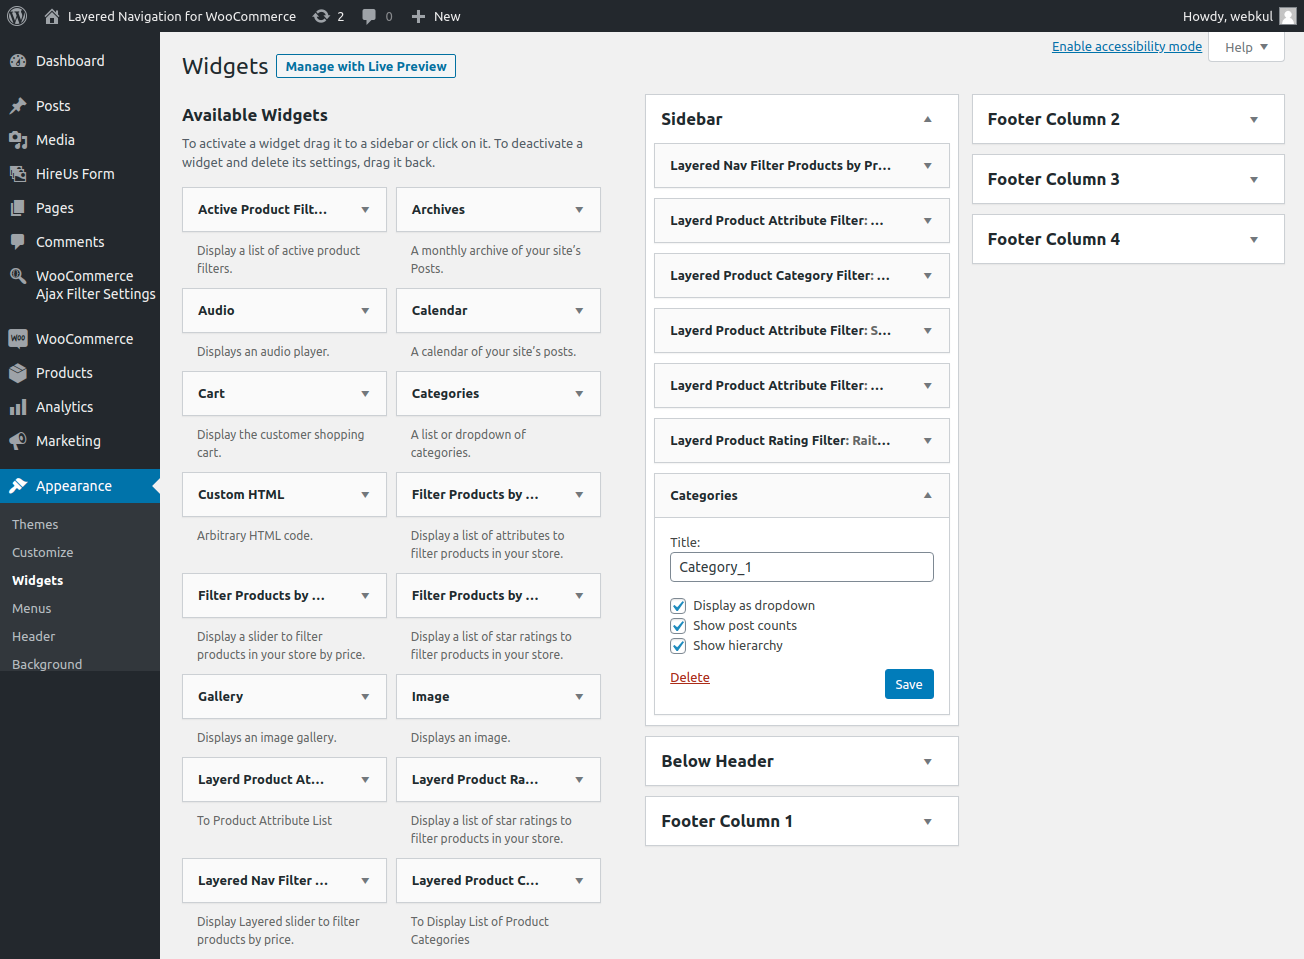 webkul-woocommerce-layered-navigation-plugin-add-new-category-widget